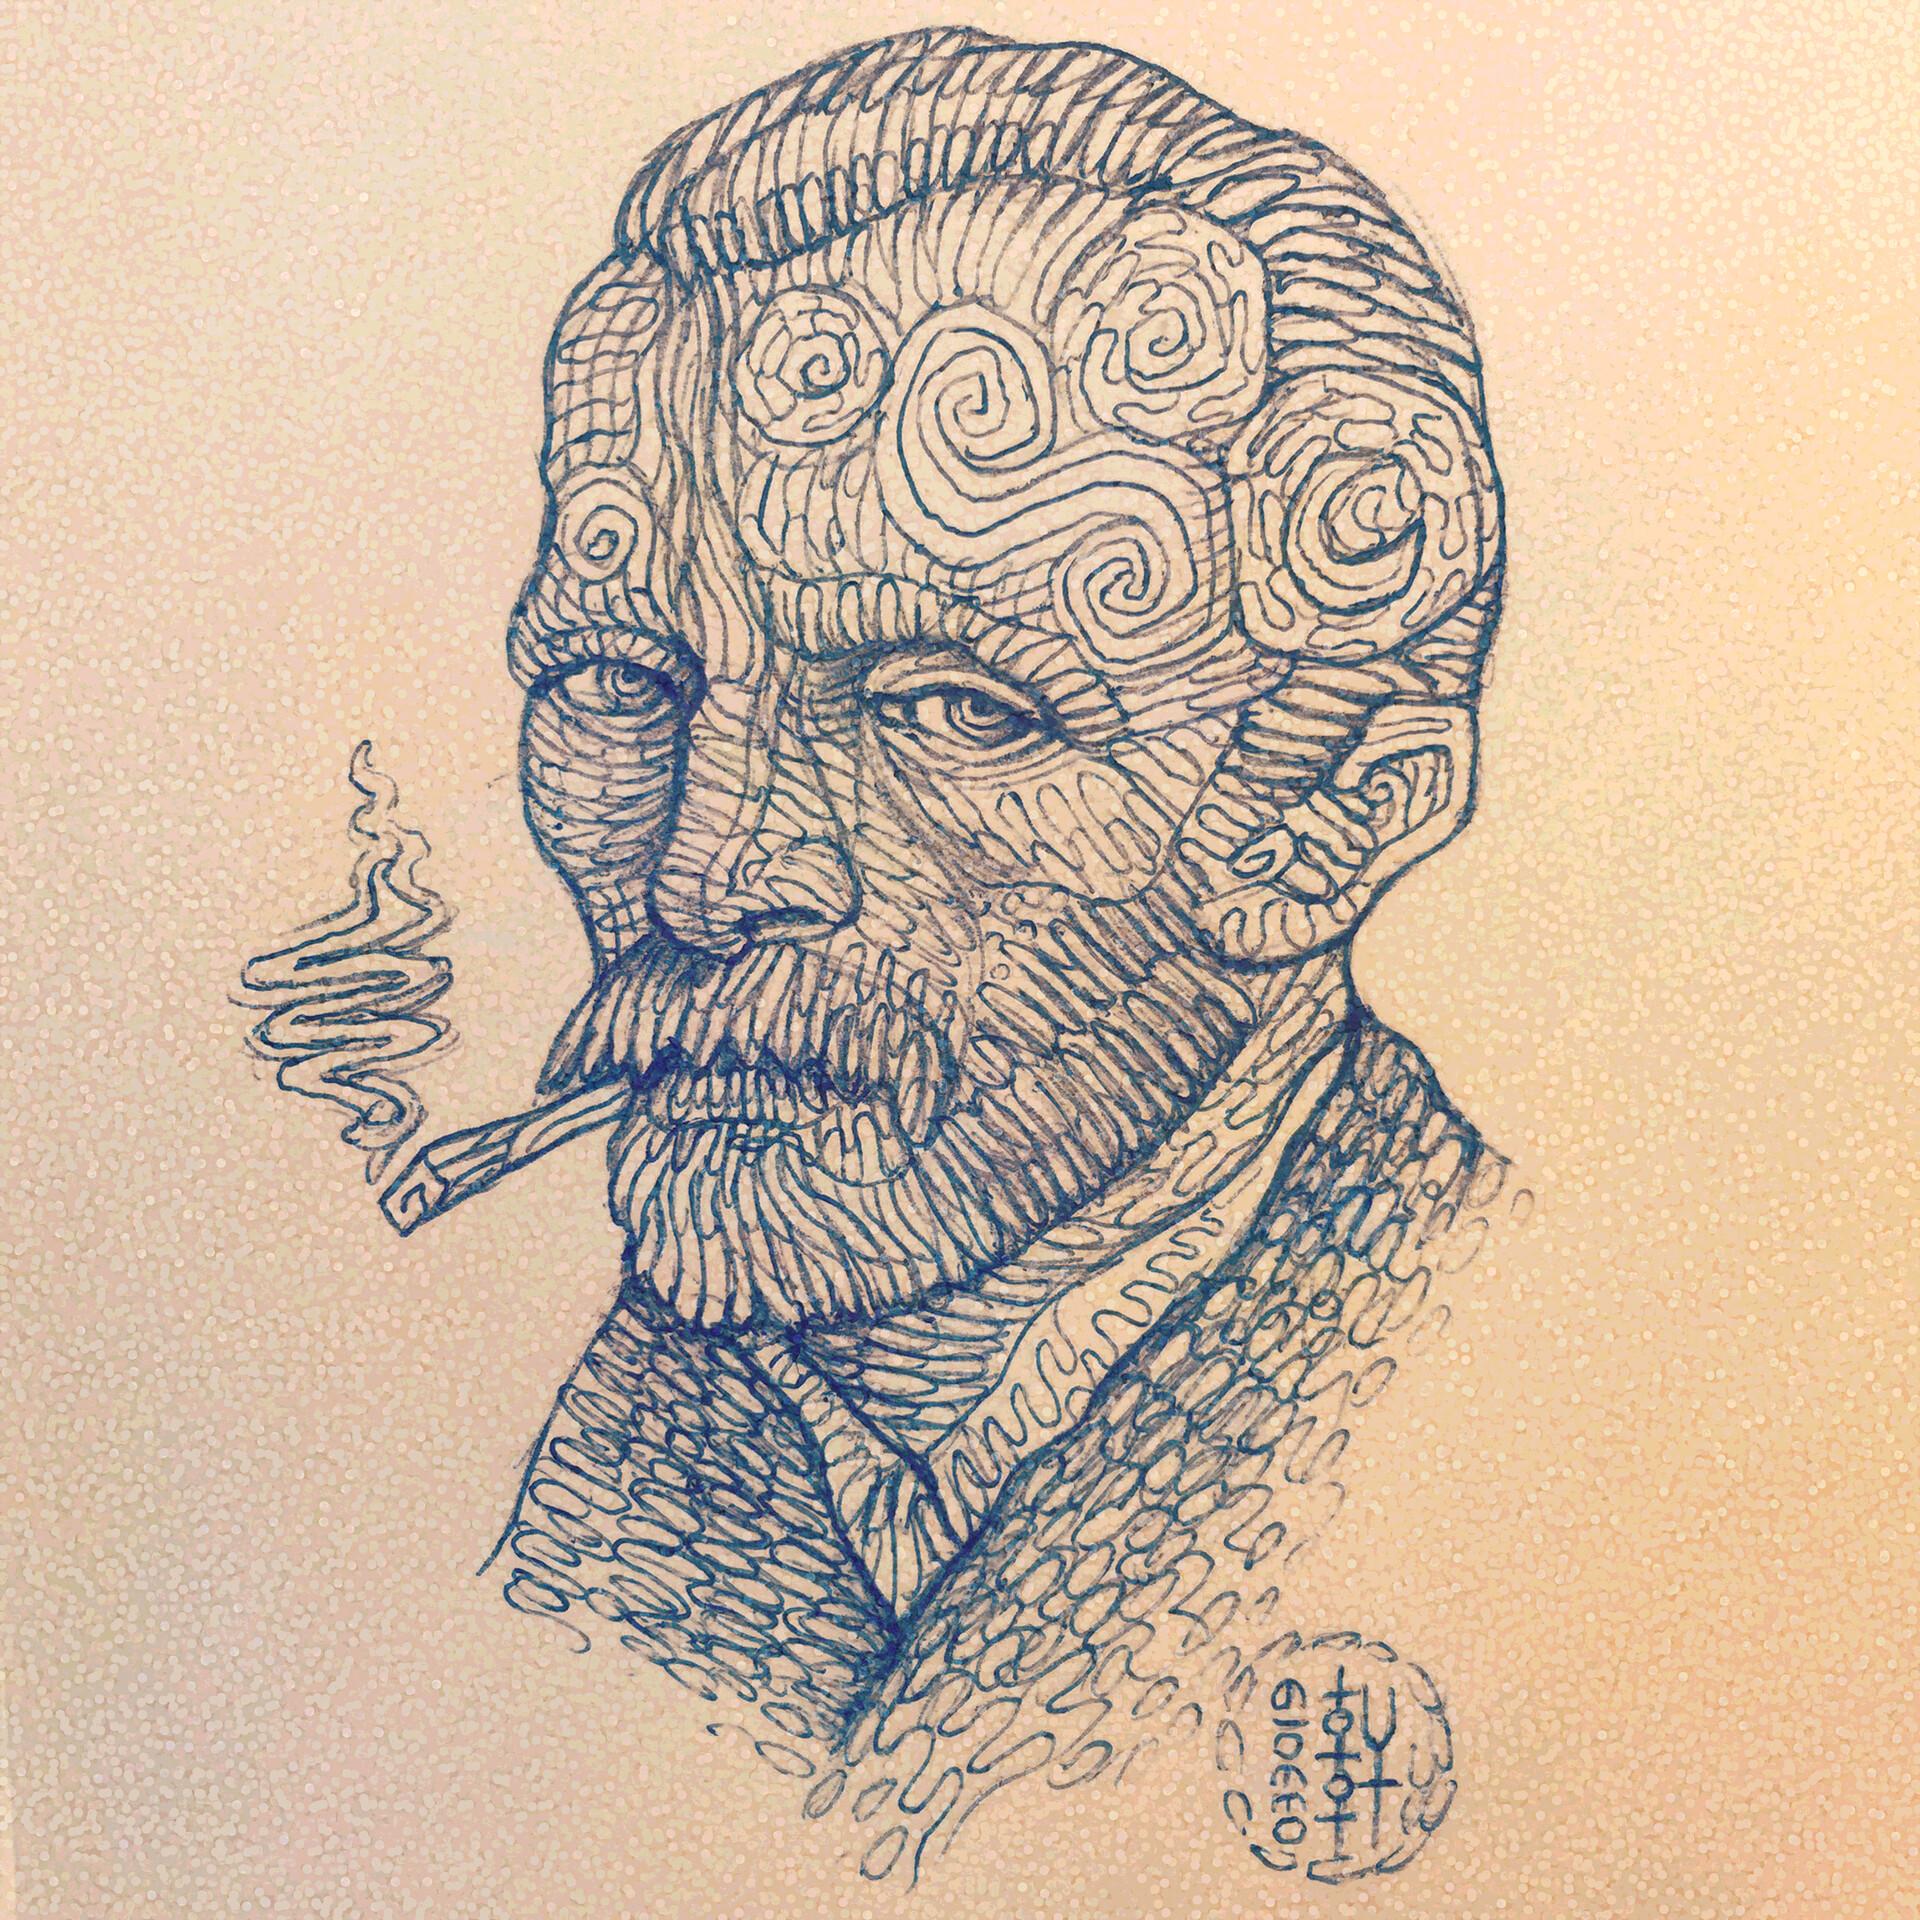 Van Gogh - Sketch